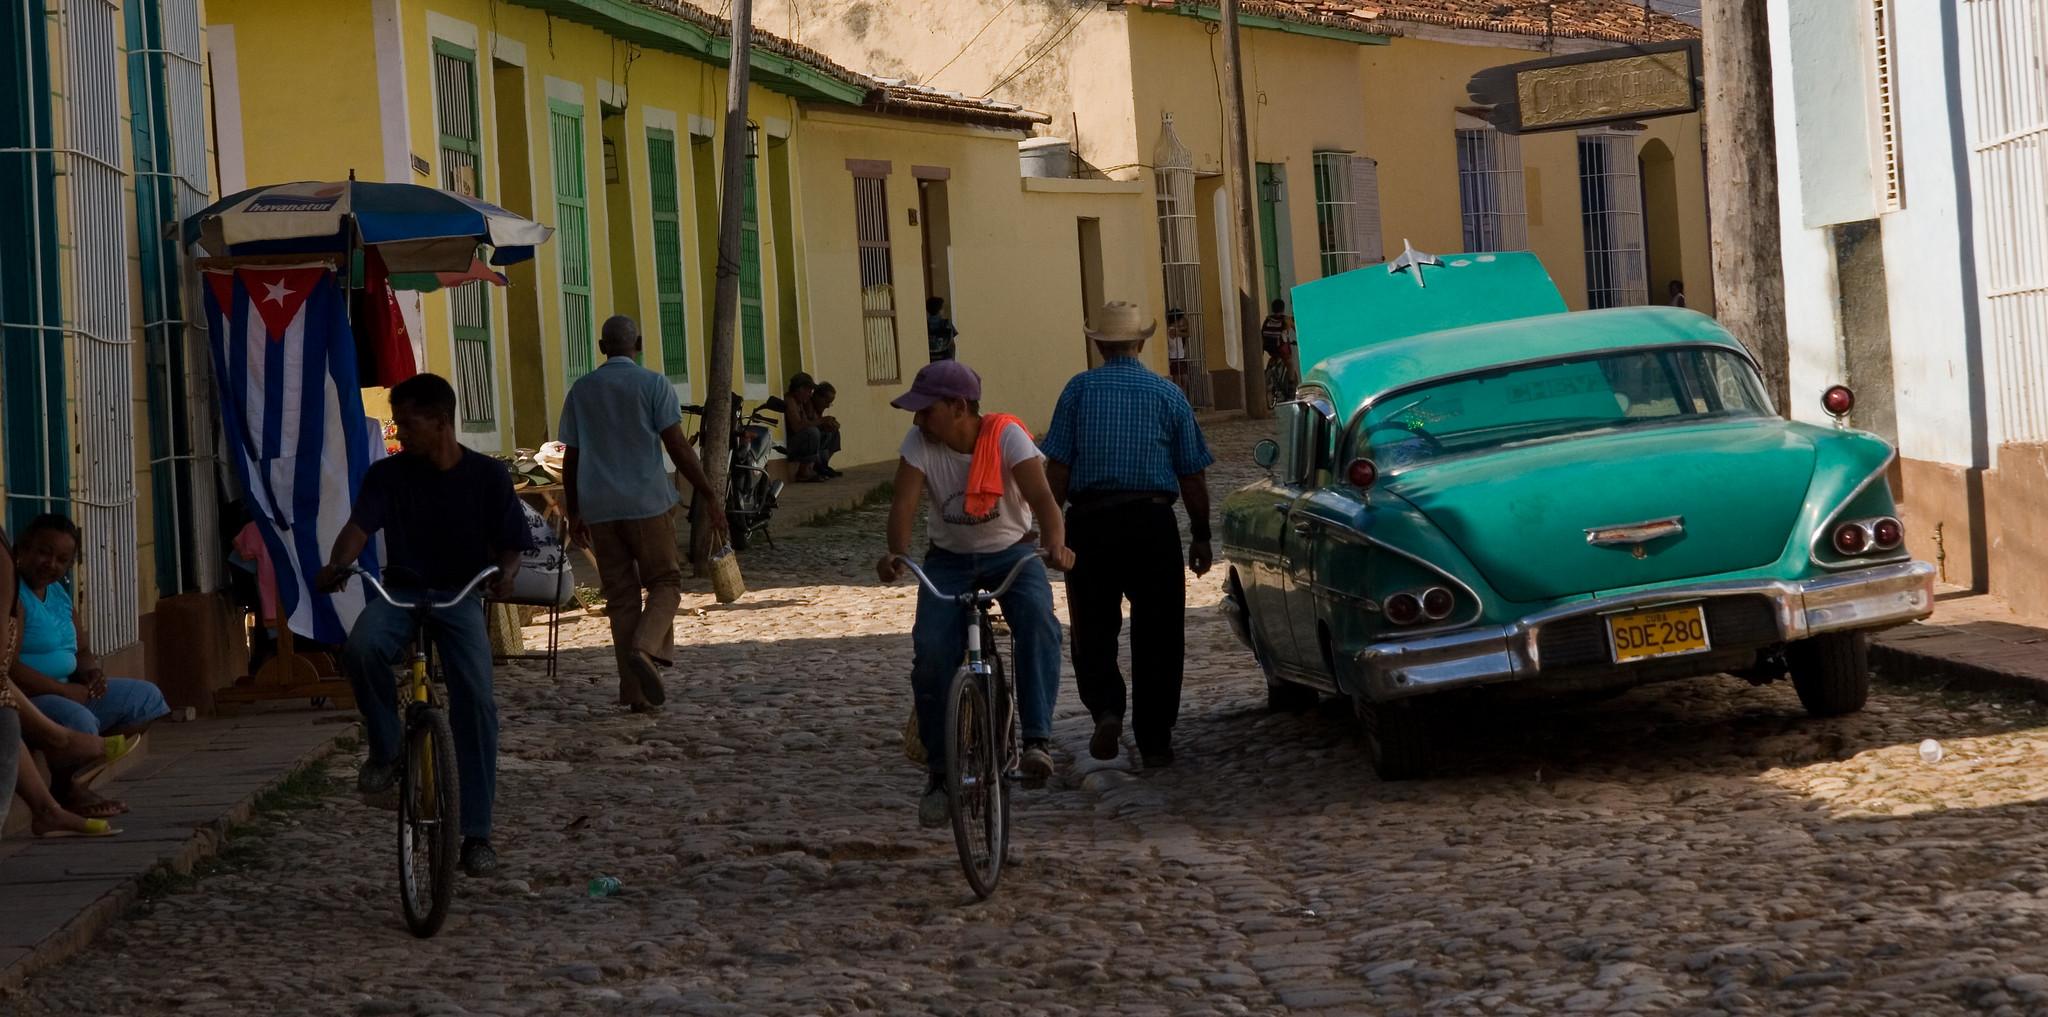 Desafio de Fotografia Semanal - Bicicleta